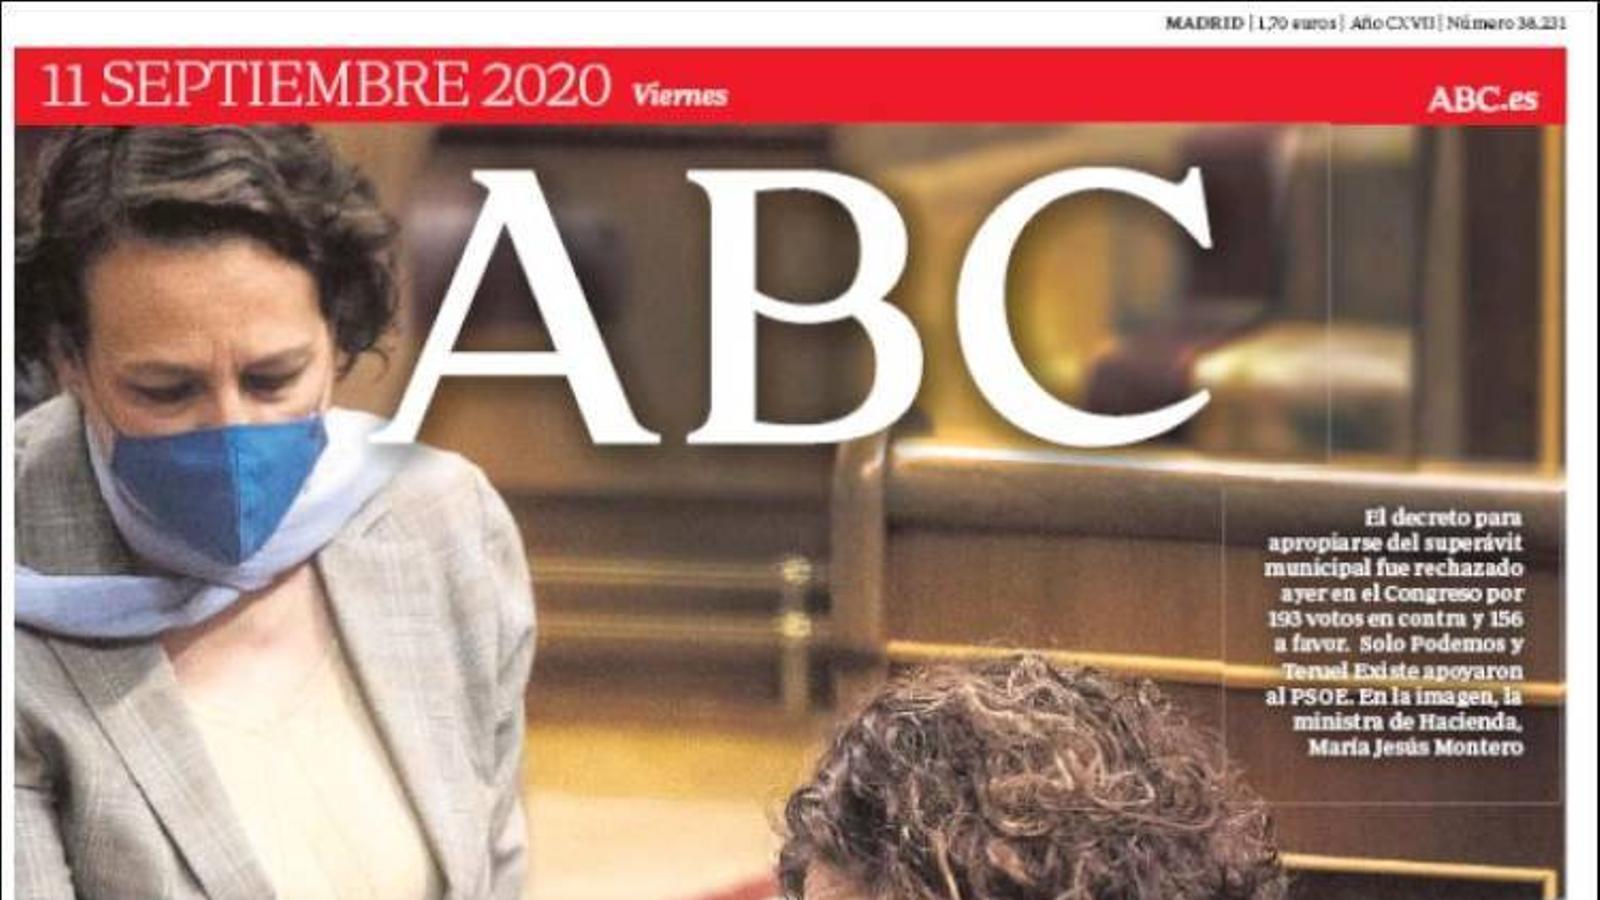 La portada de l''ARA' de l'11 de setembre de 2020